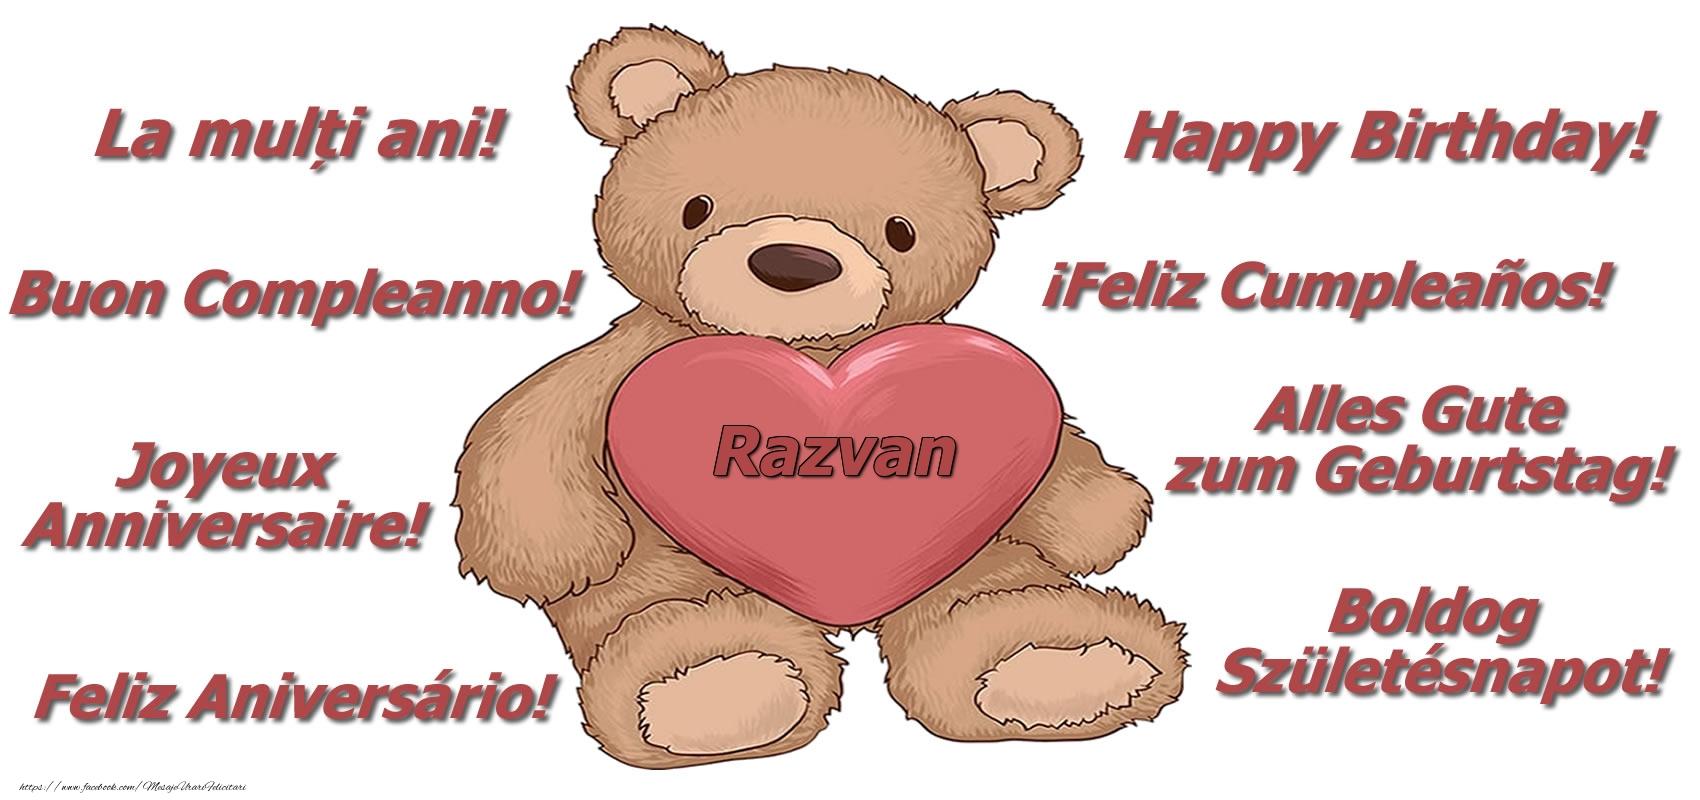 Felicitari de zi de nastere - La multi ani Razvan! - Ursulet